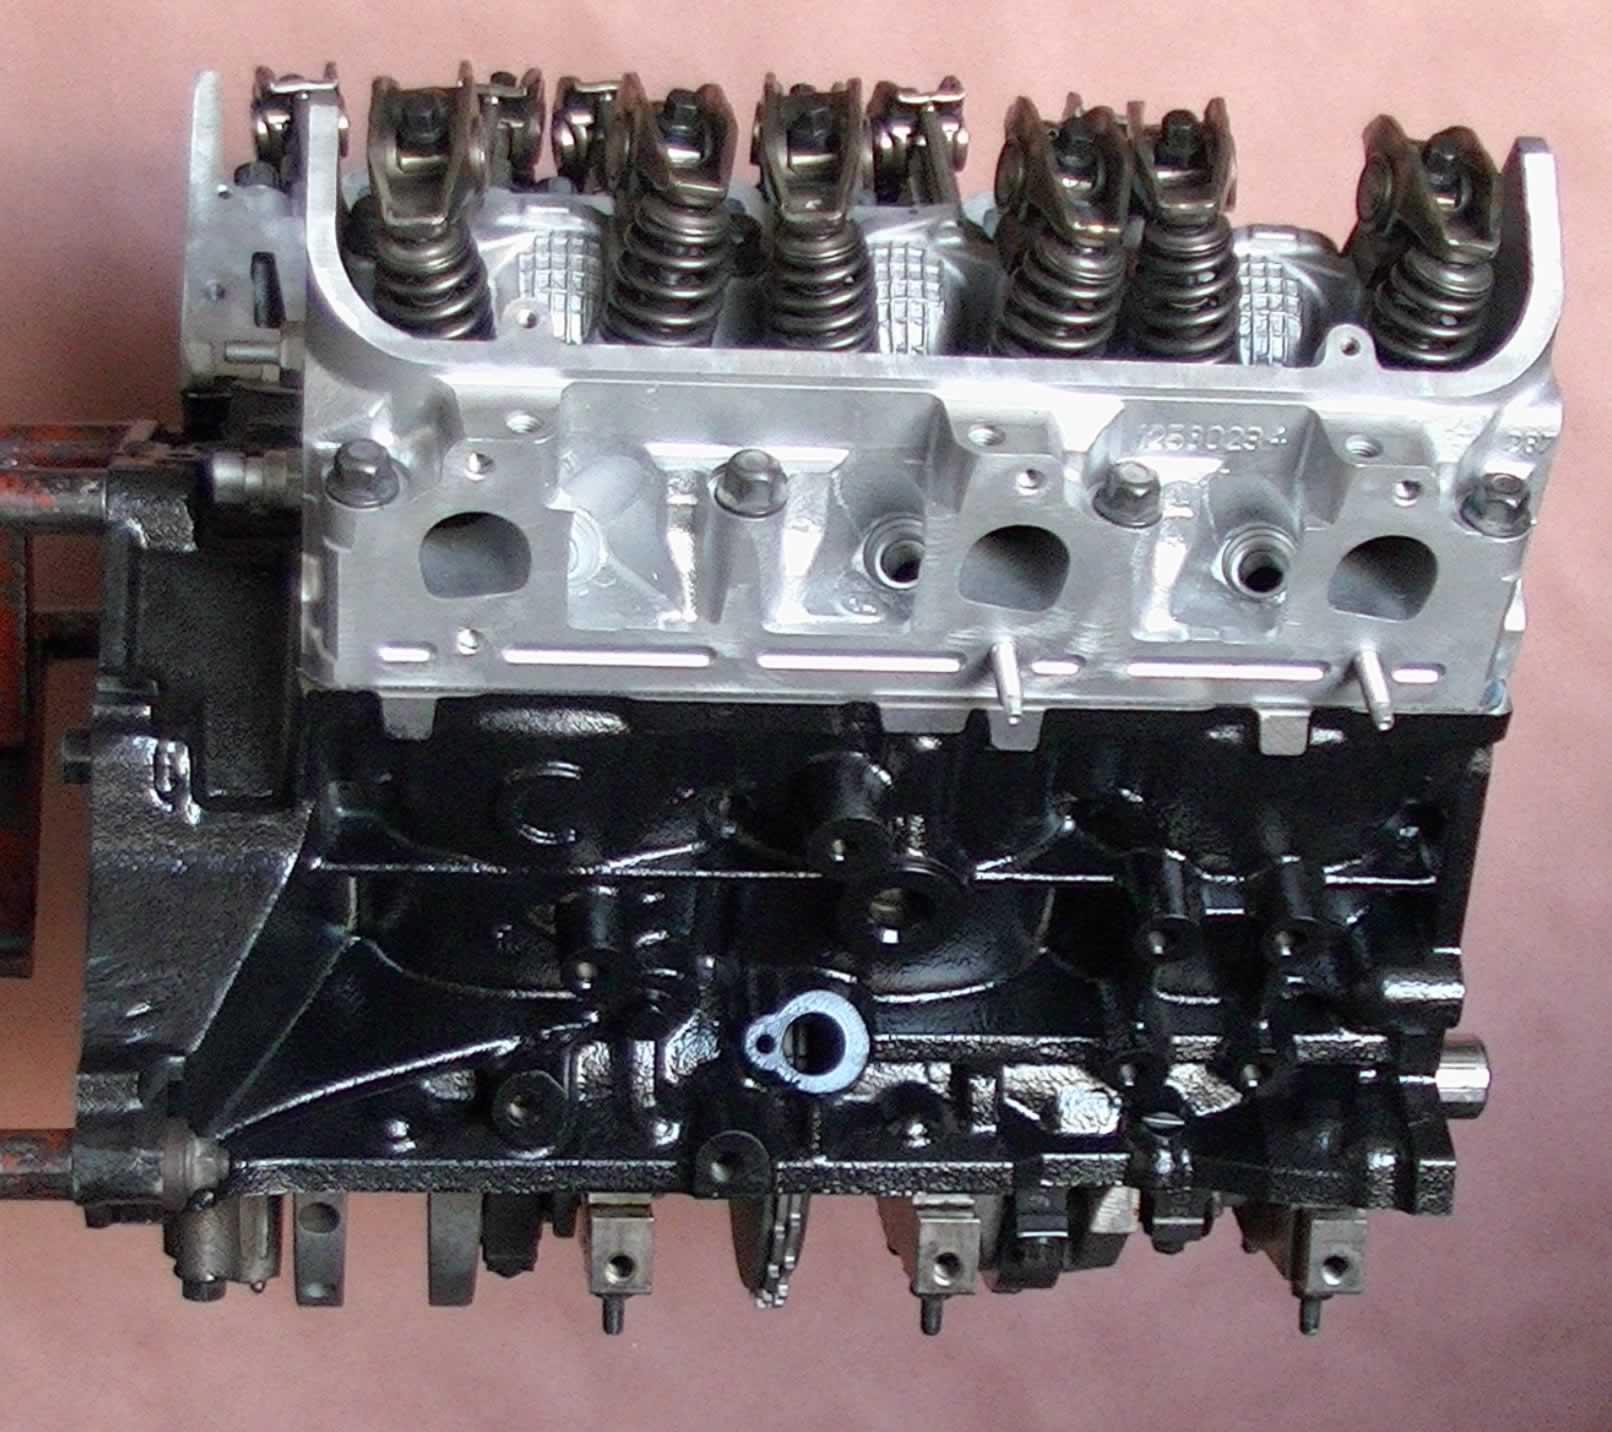 2004 hyundai santa fe ac wiring diagram sky eye 4cyl engine